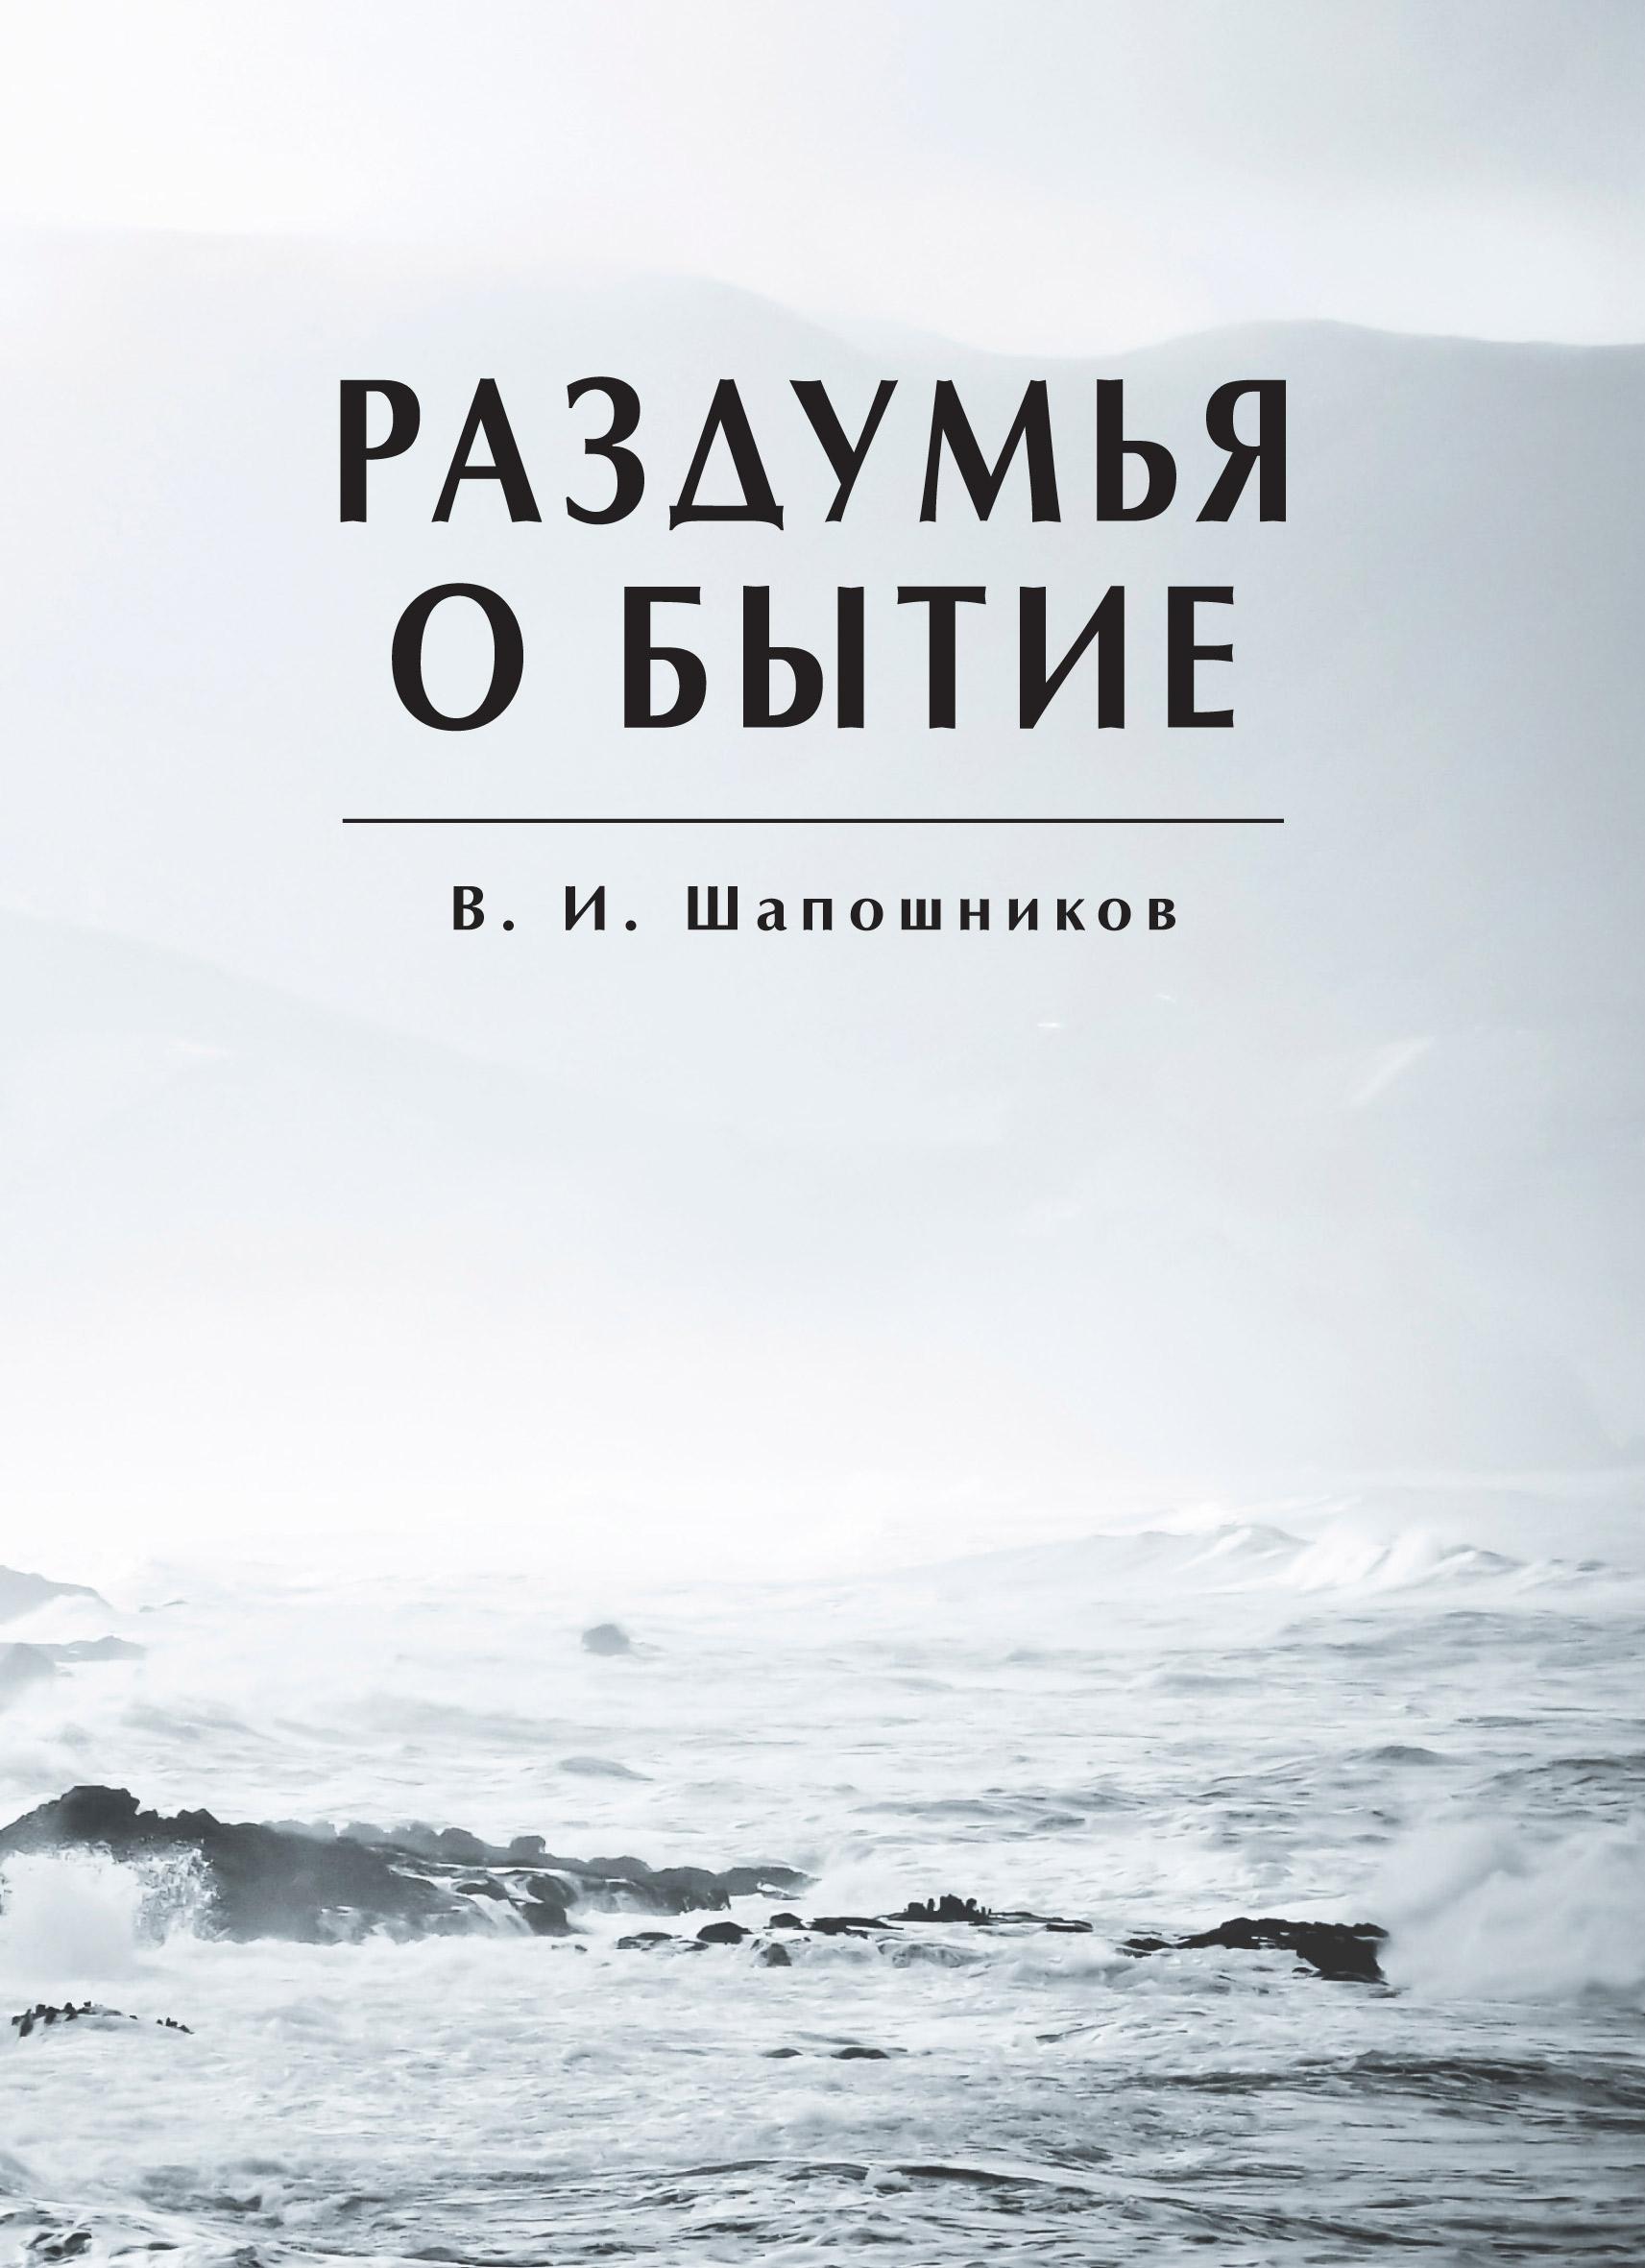 Вениамин Шапошников Раздумья о бытие вениамин шапошников жизненная дорога